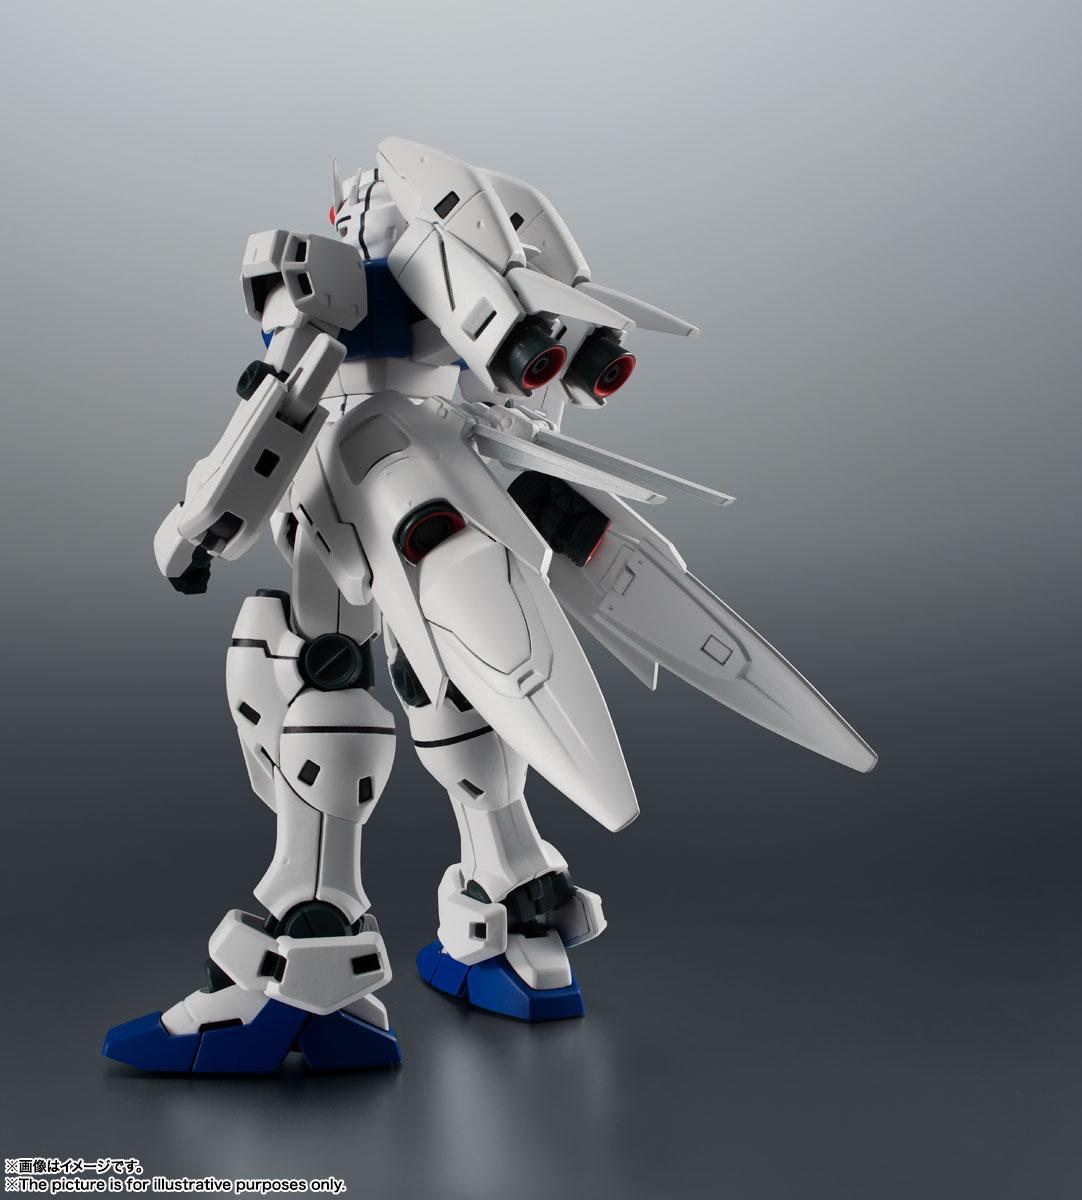 ROBOT魂〈SIDE MS〉『RX-78GP03S ガンダム試作3号機ステイメン ver. A.N.I.M.E.』機動戦士ガンダム0083 可動フィギュア-002